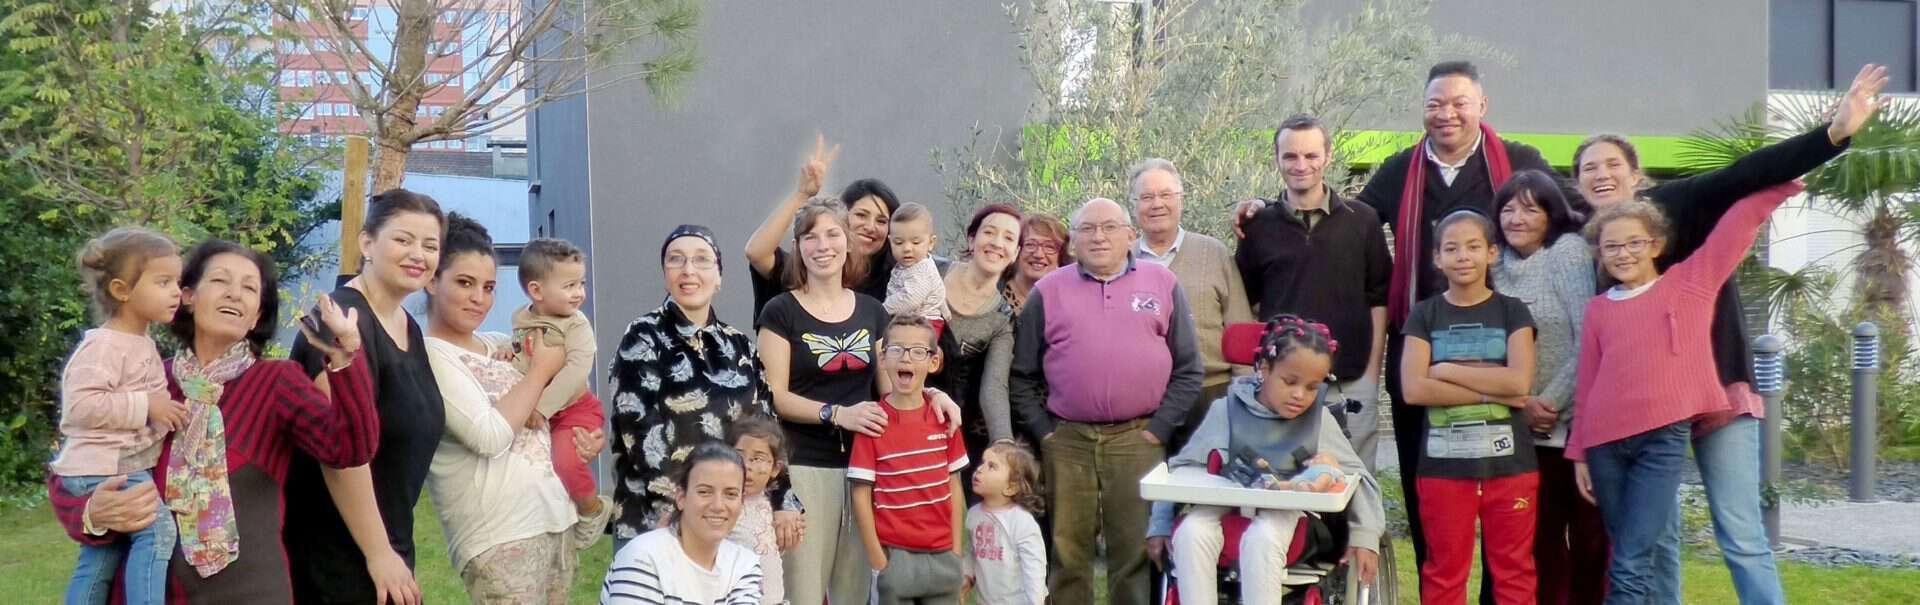 13-Equipe-HH-et-familles.jpg